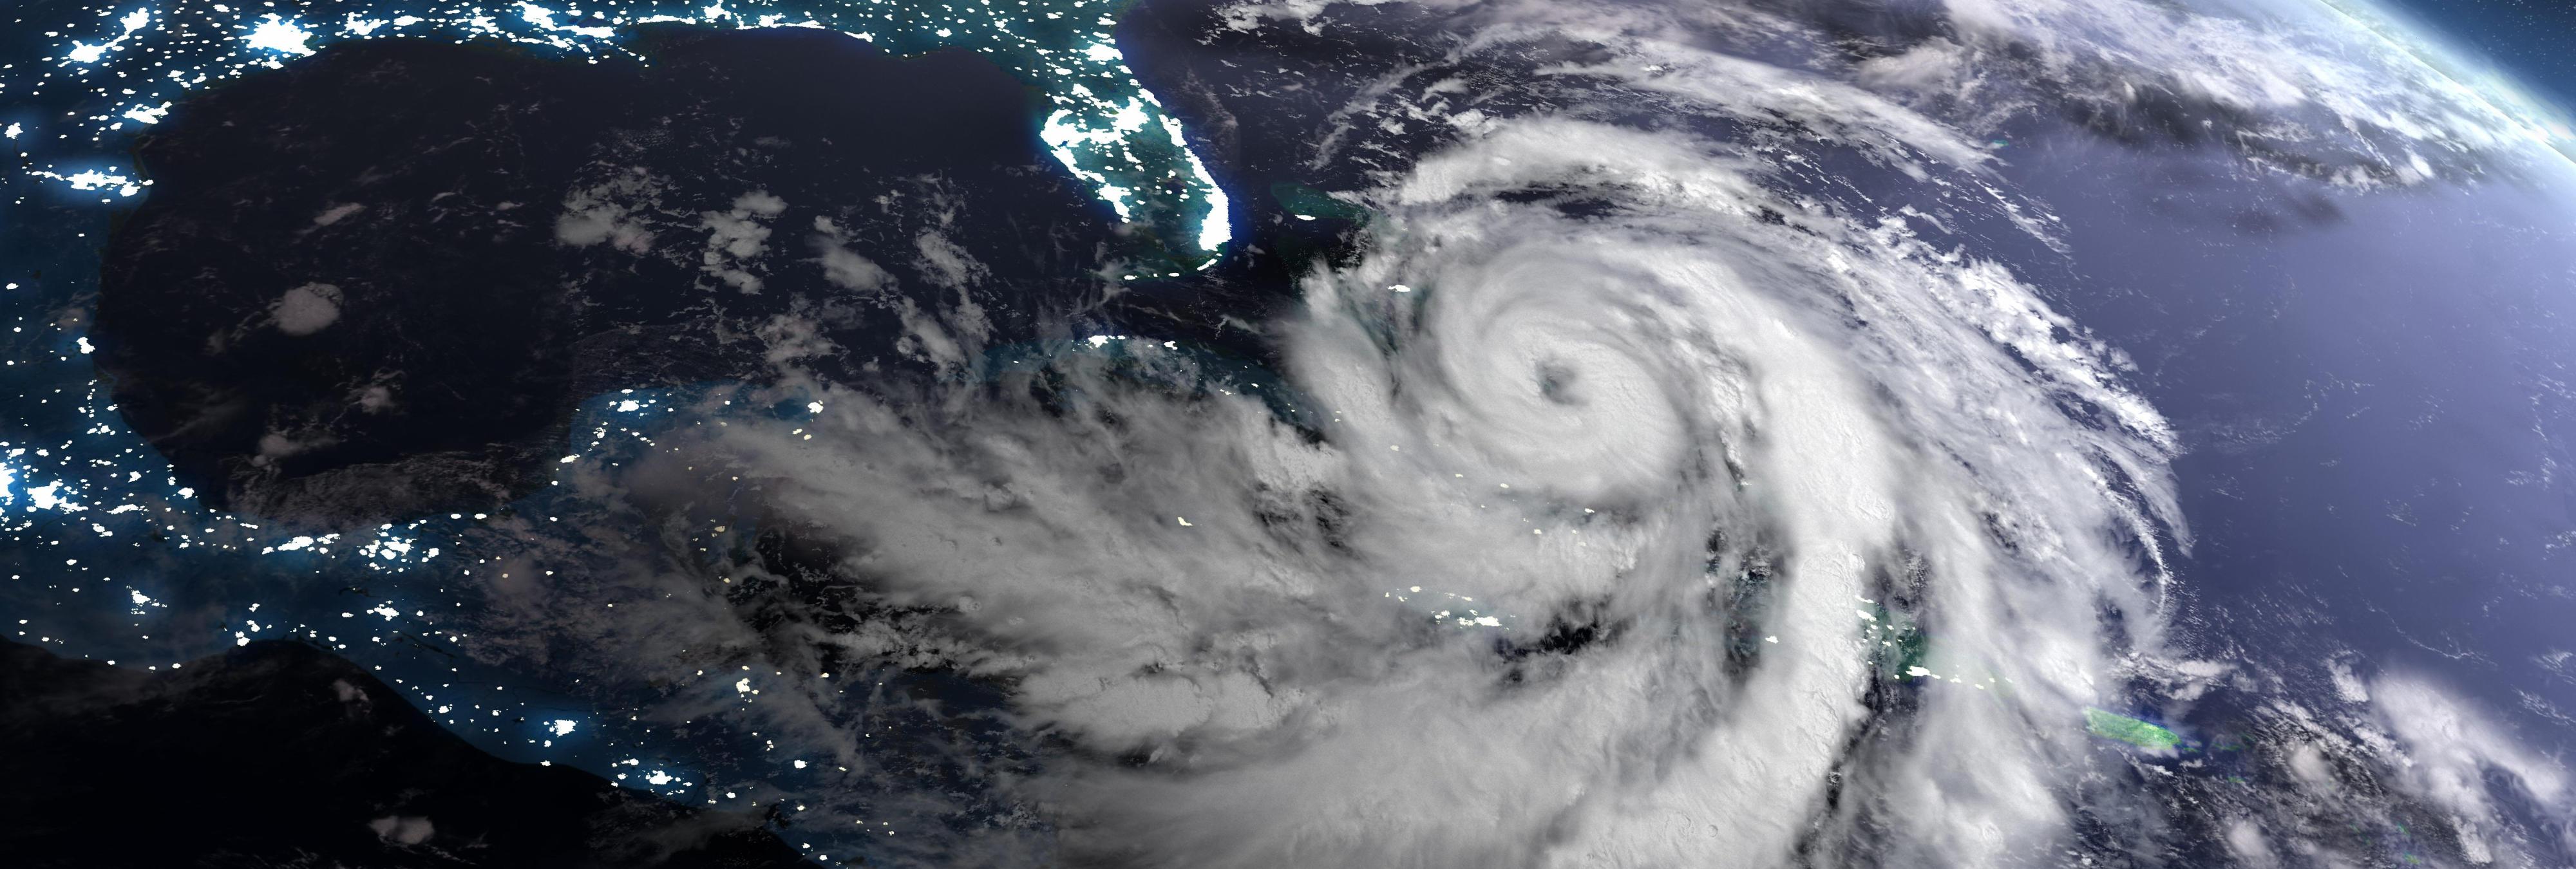 El huracán Irma, explicado